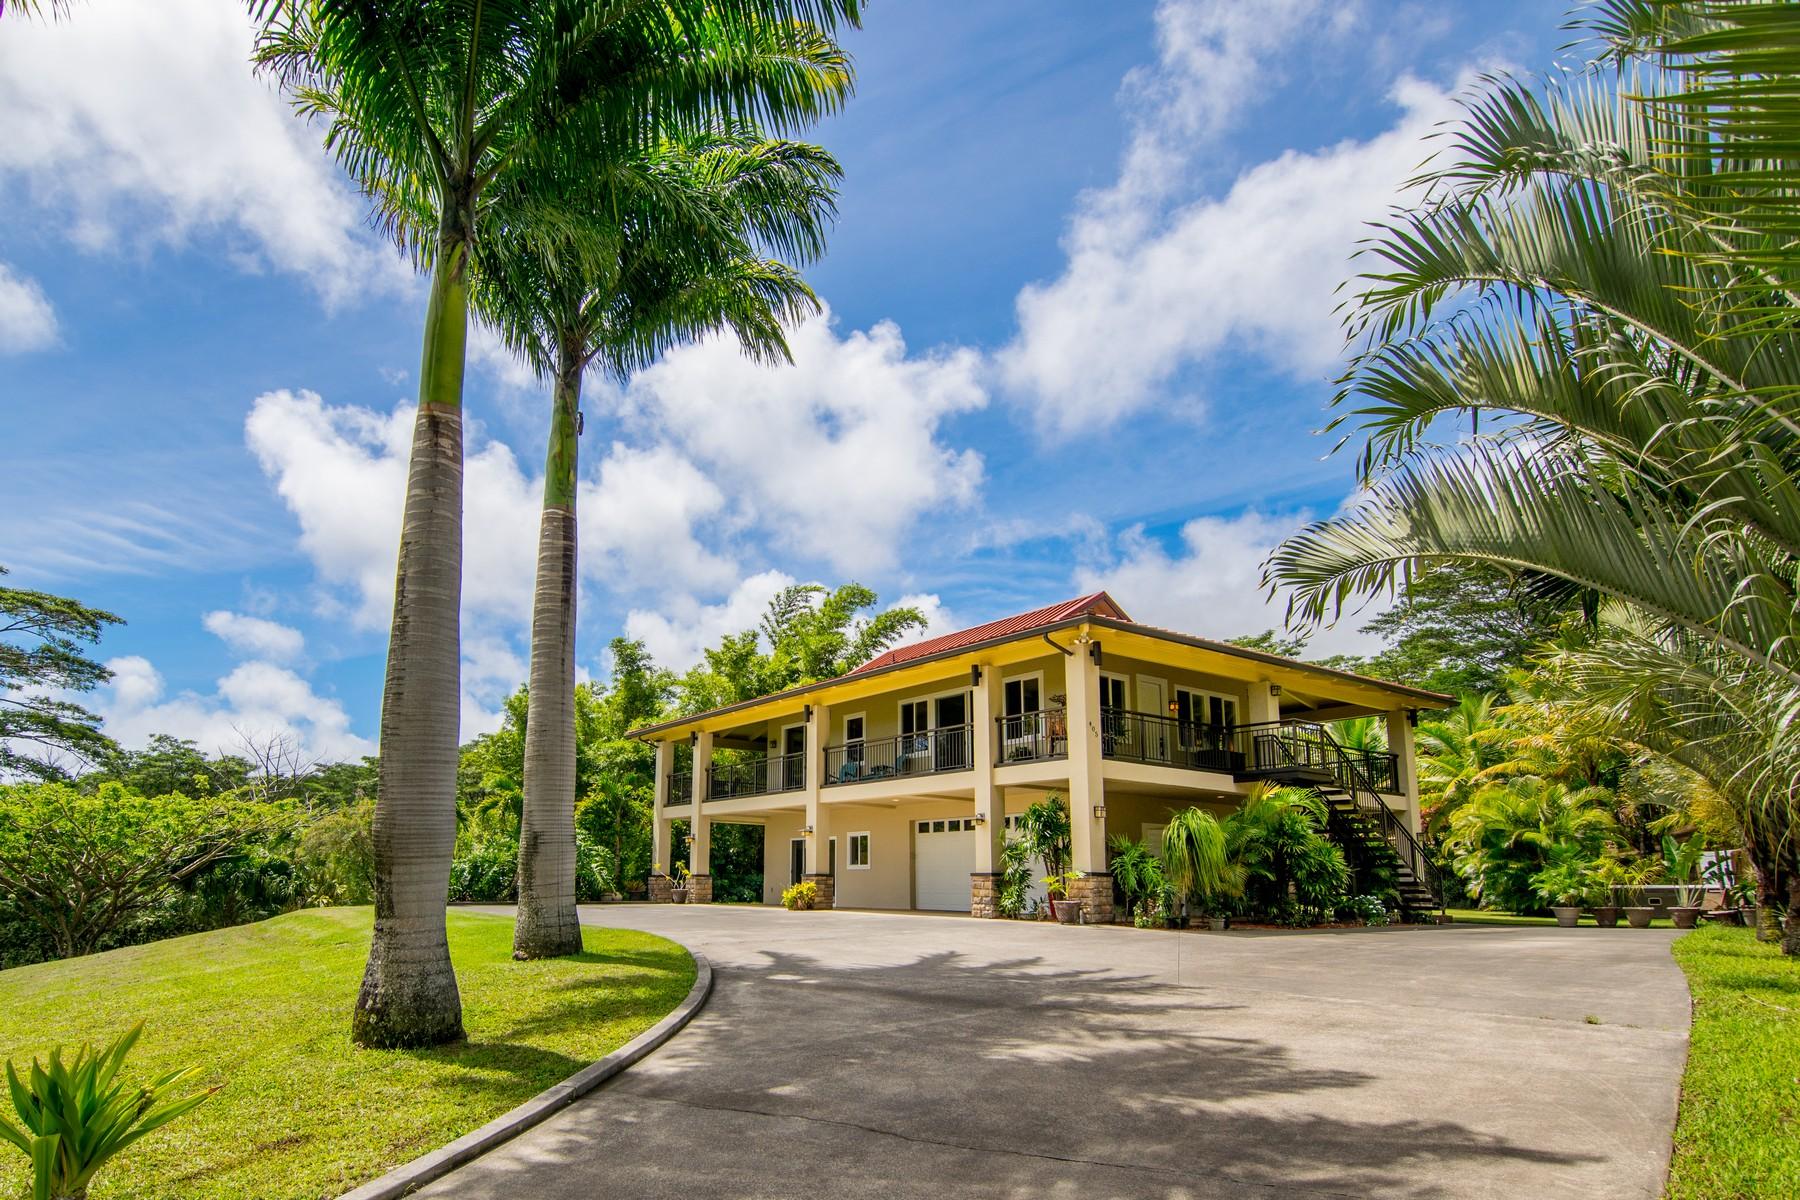 Частный односемейный дом для того Продажа на Hilltop Estate with Views 405 E Kuiaha Road Haiku, Гавайи, 96708 Соединенные Штаты